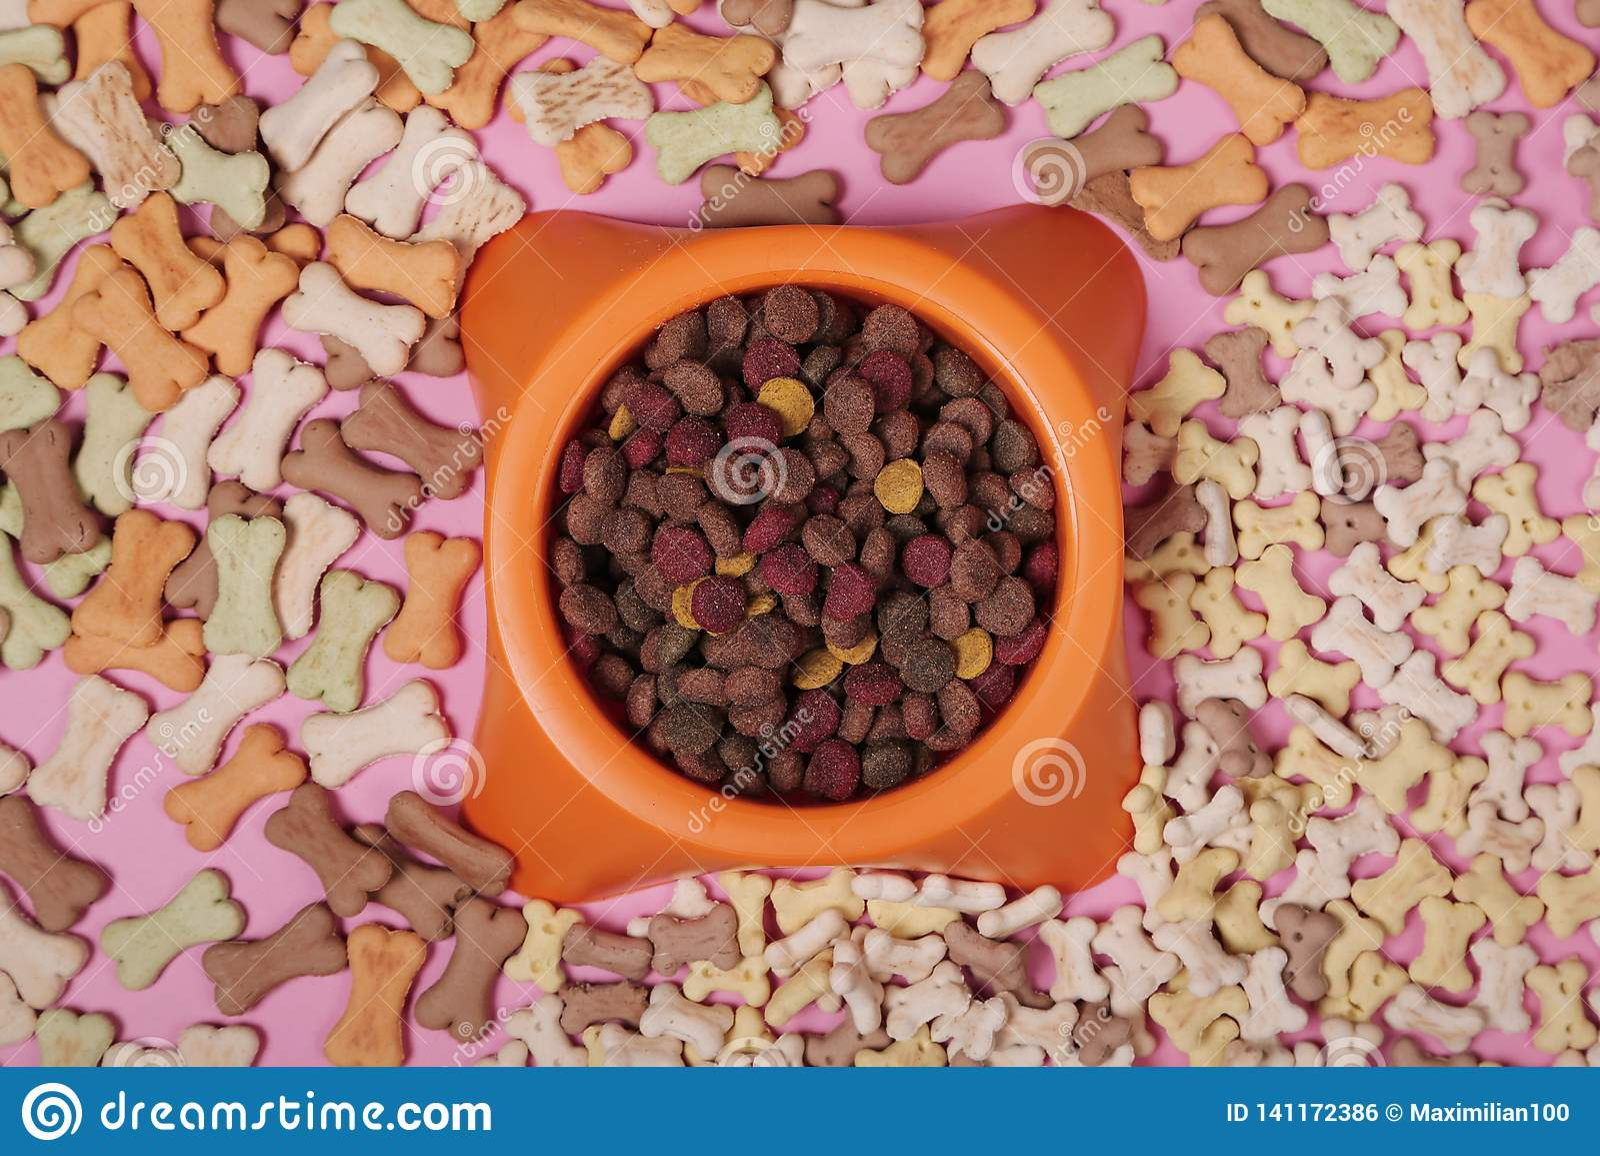 Composición puesta plana con los accesorios para el perro y el gato, comida seca, galletas, galletas, alimento para animales